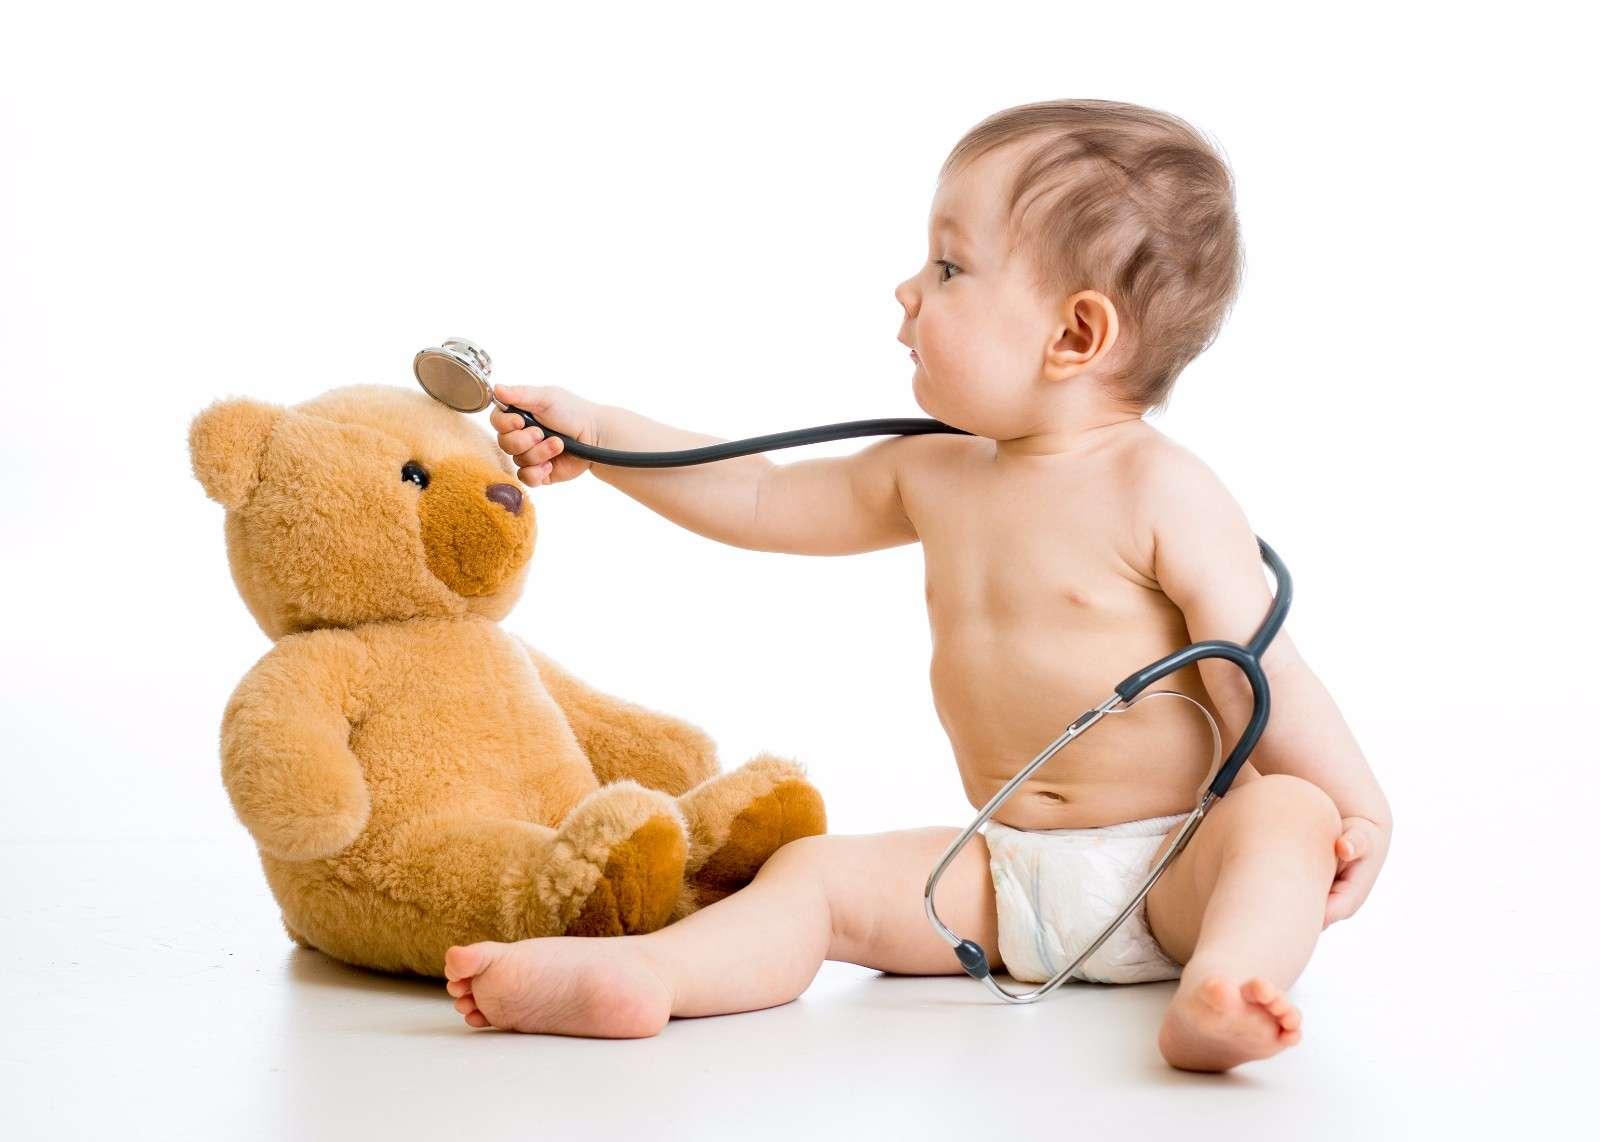 ...月宝宝身高体重、发育指标_11个月宝宝WHO发育标准_小鲤鱼育儿